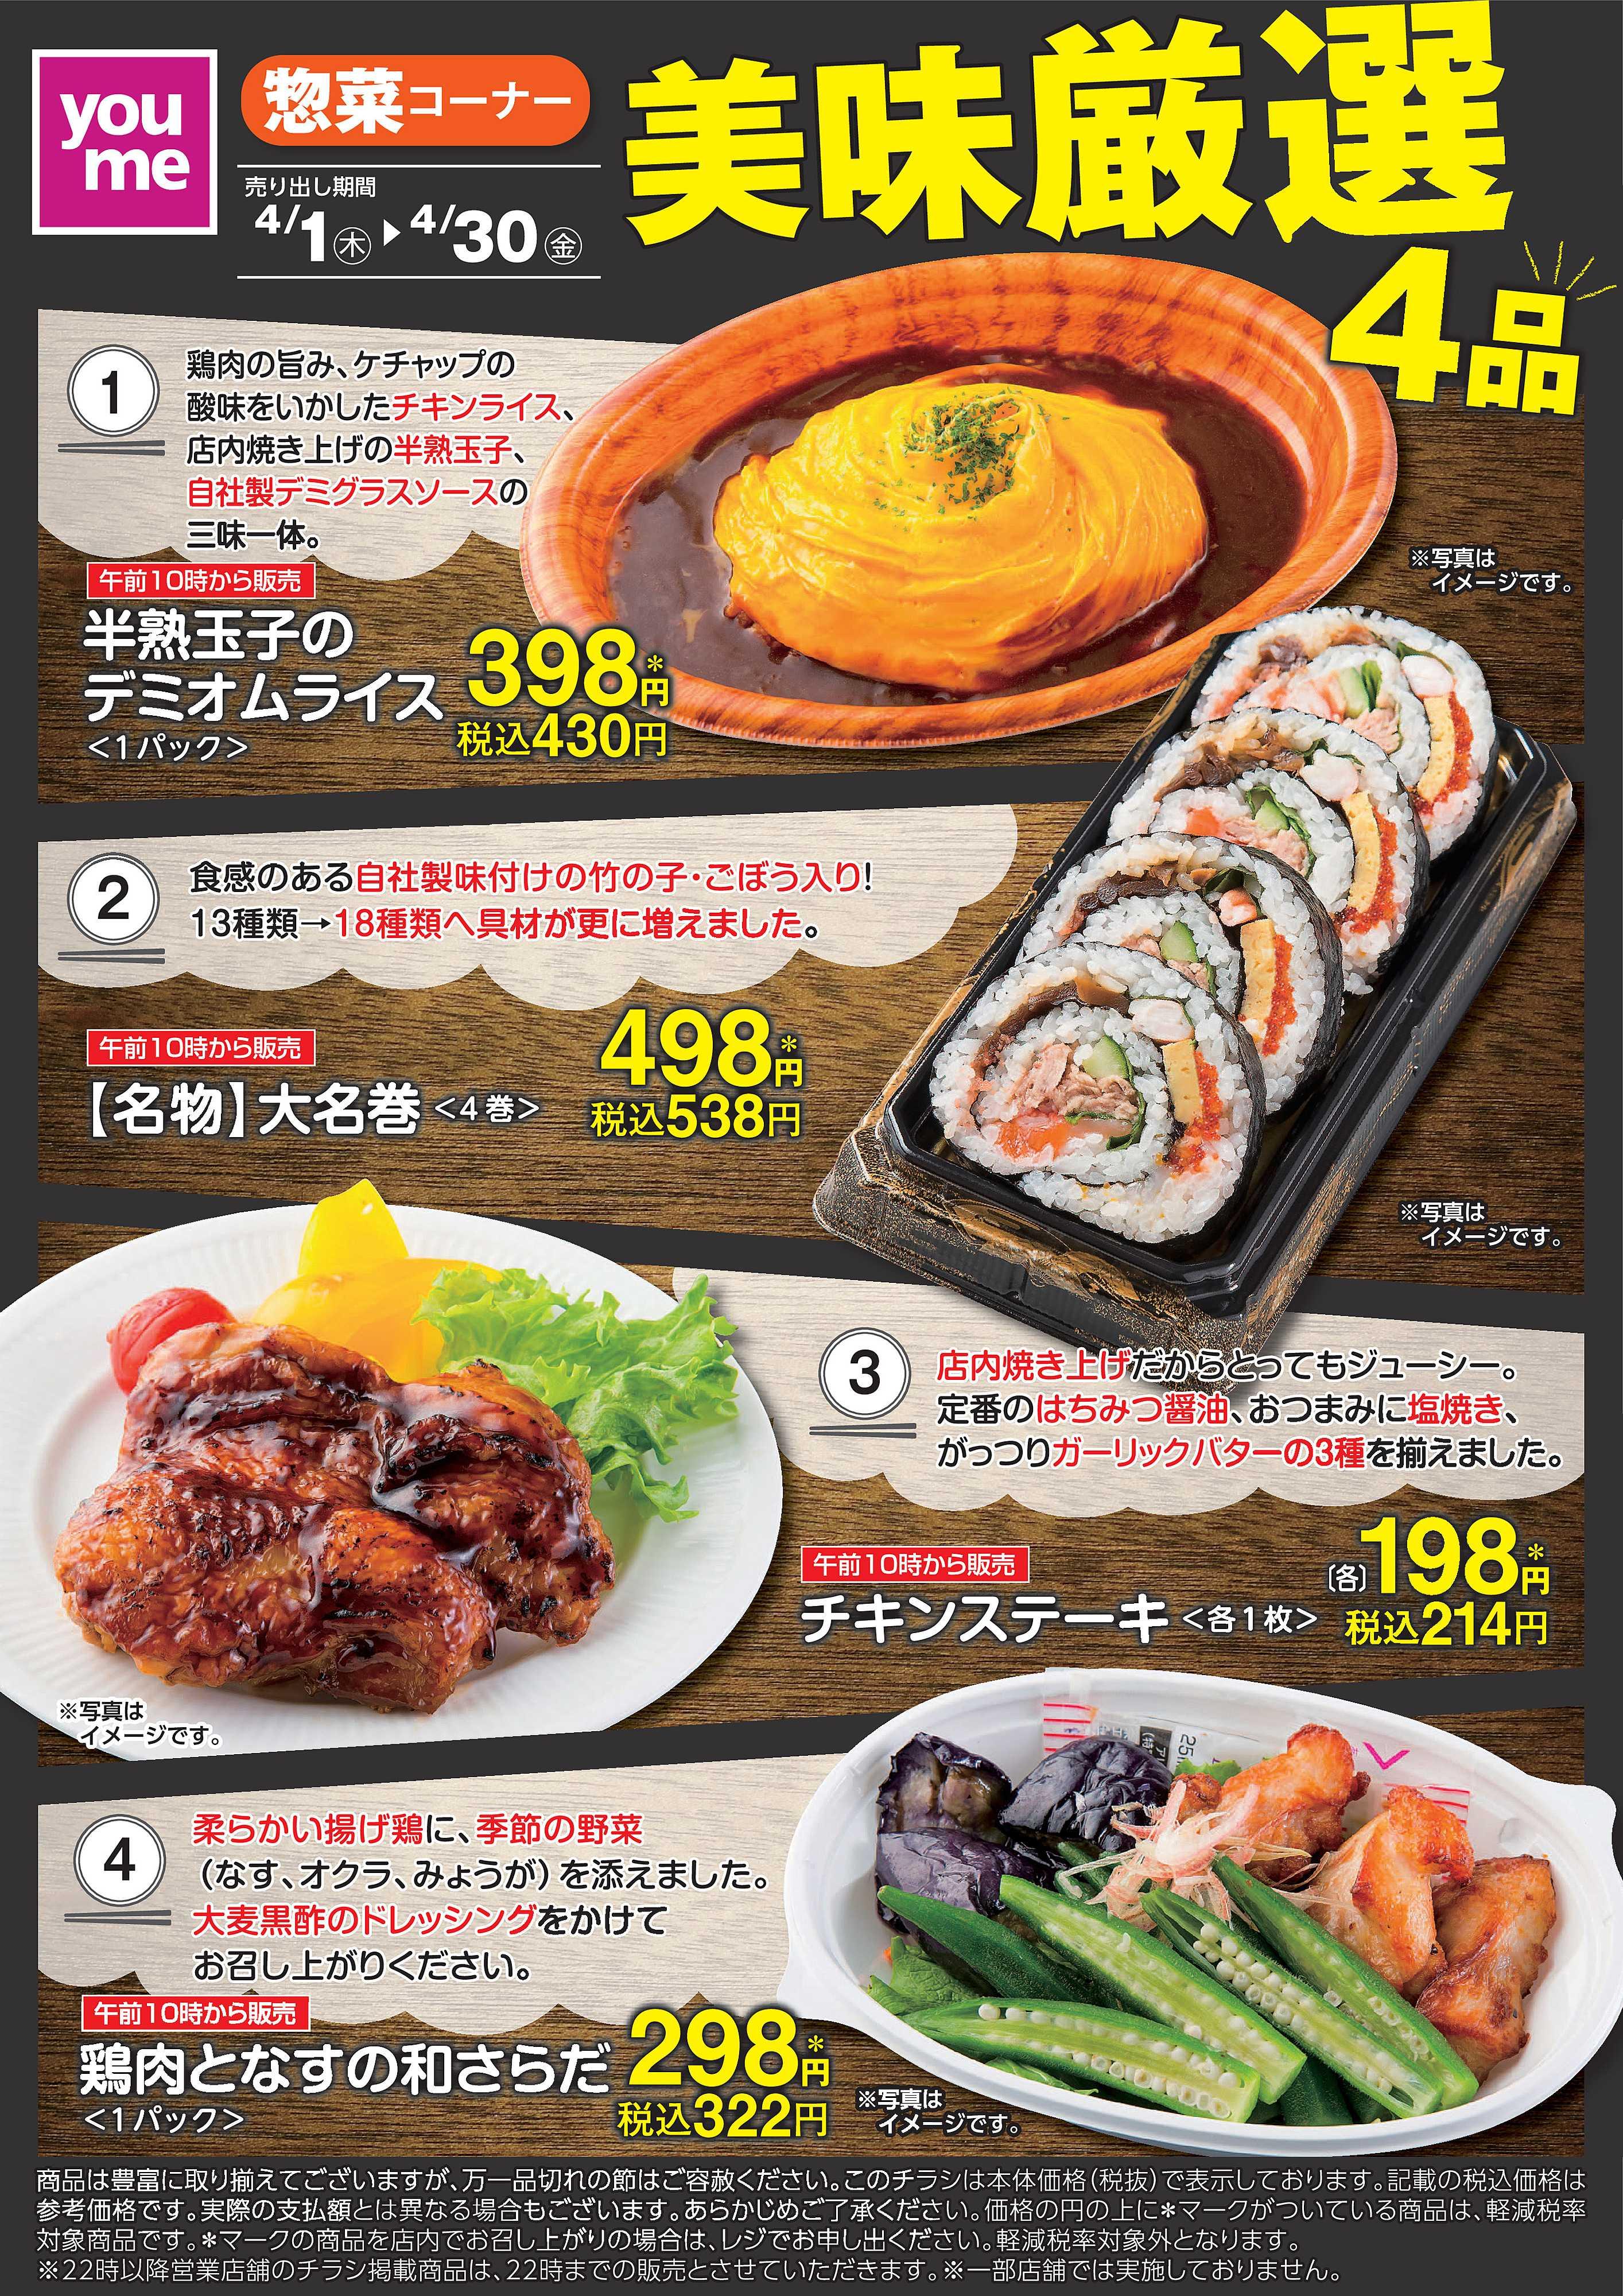 ゆめマート 惣菜コーナー美味厳選4品